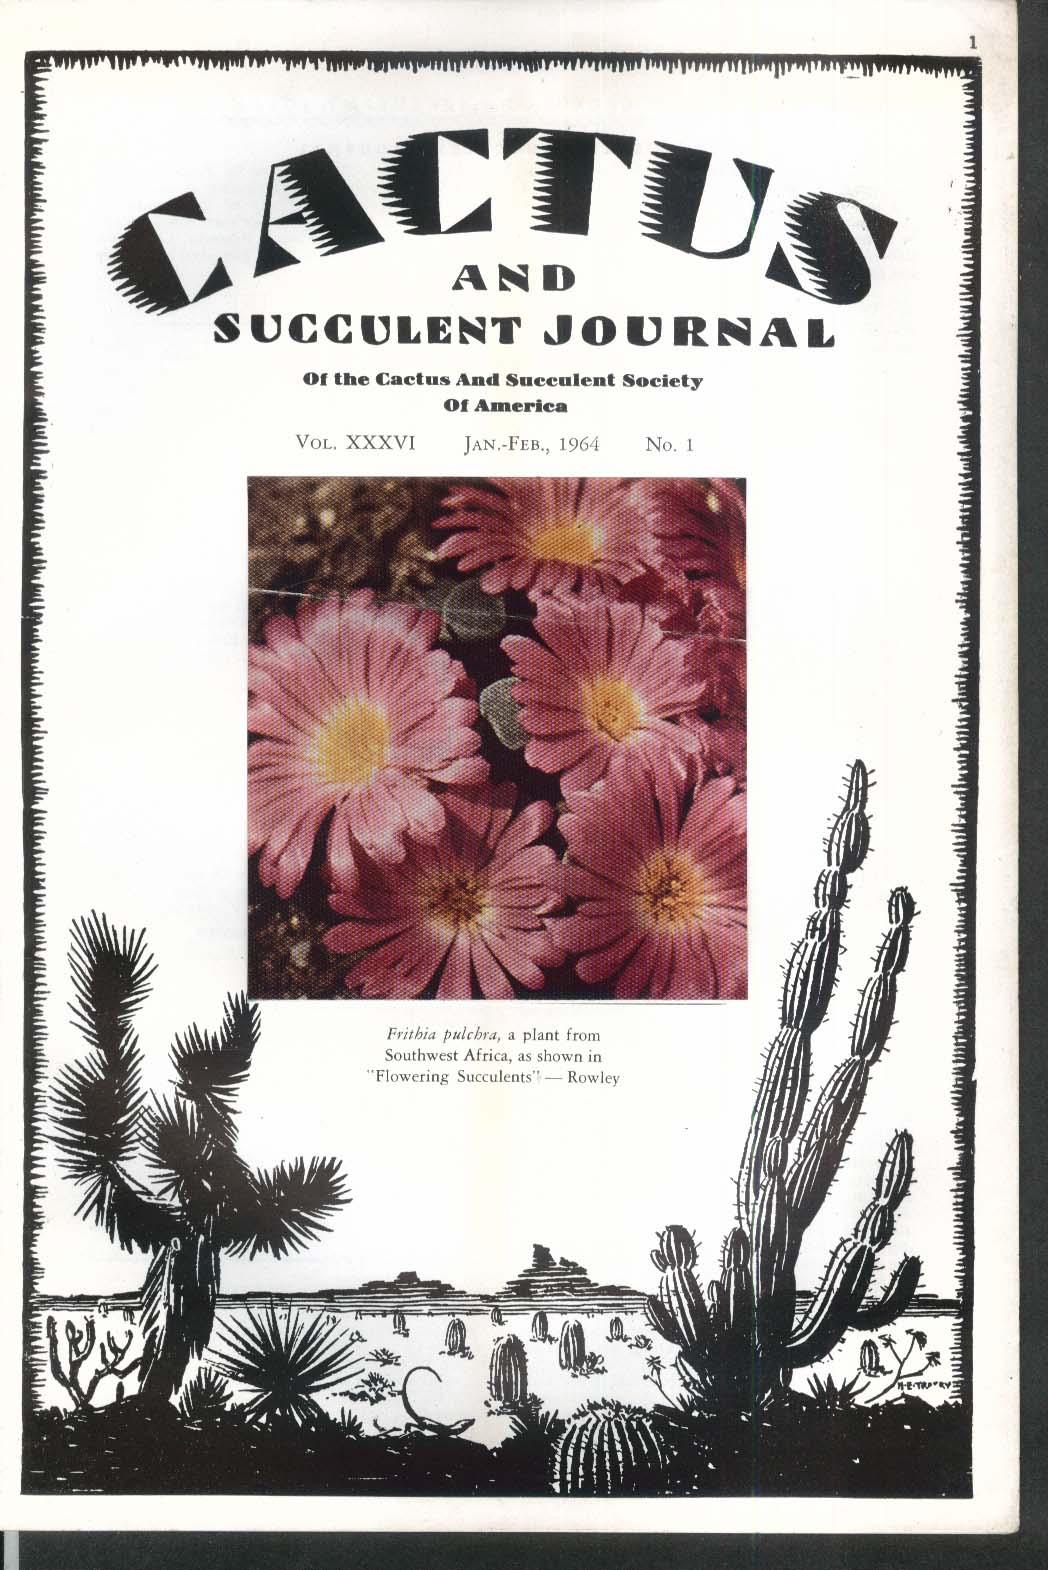 CACTUS Succulent Journal Frithia pulchra 1-2 1964